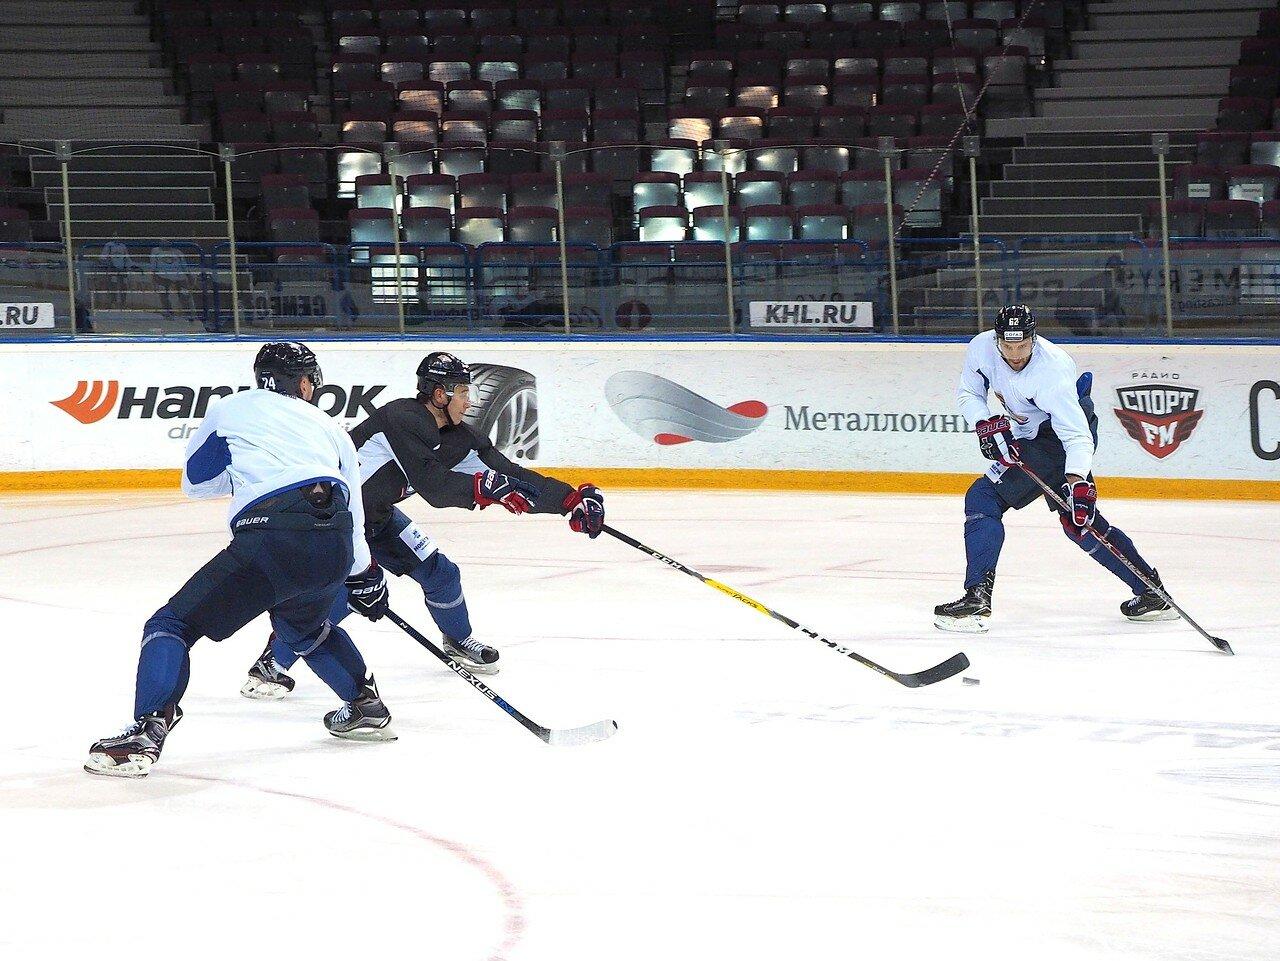 30 Открытая тренировка перед финалом плей-офф восточной конференции КХЛ 2017 22.03.2017